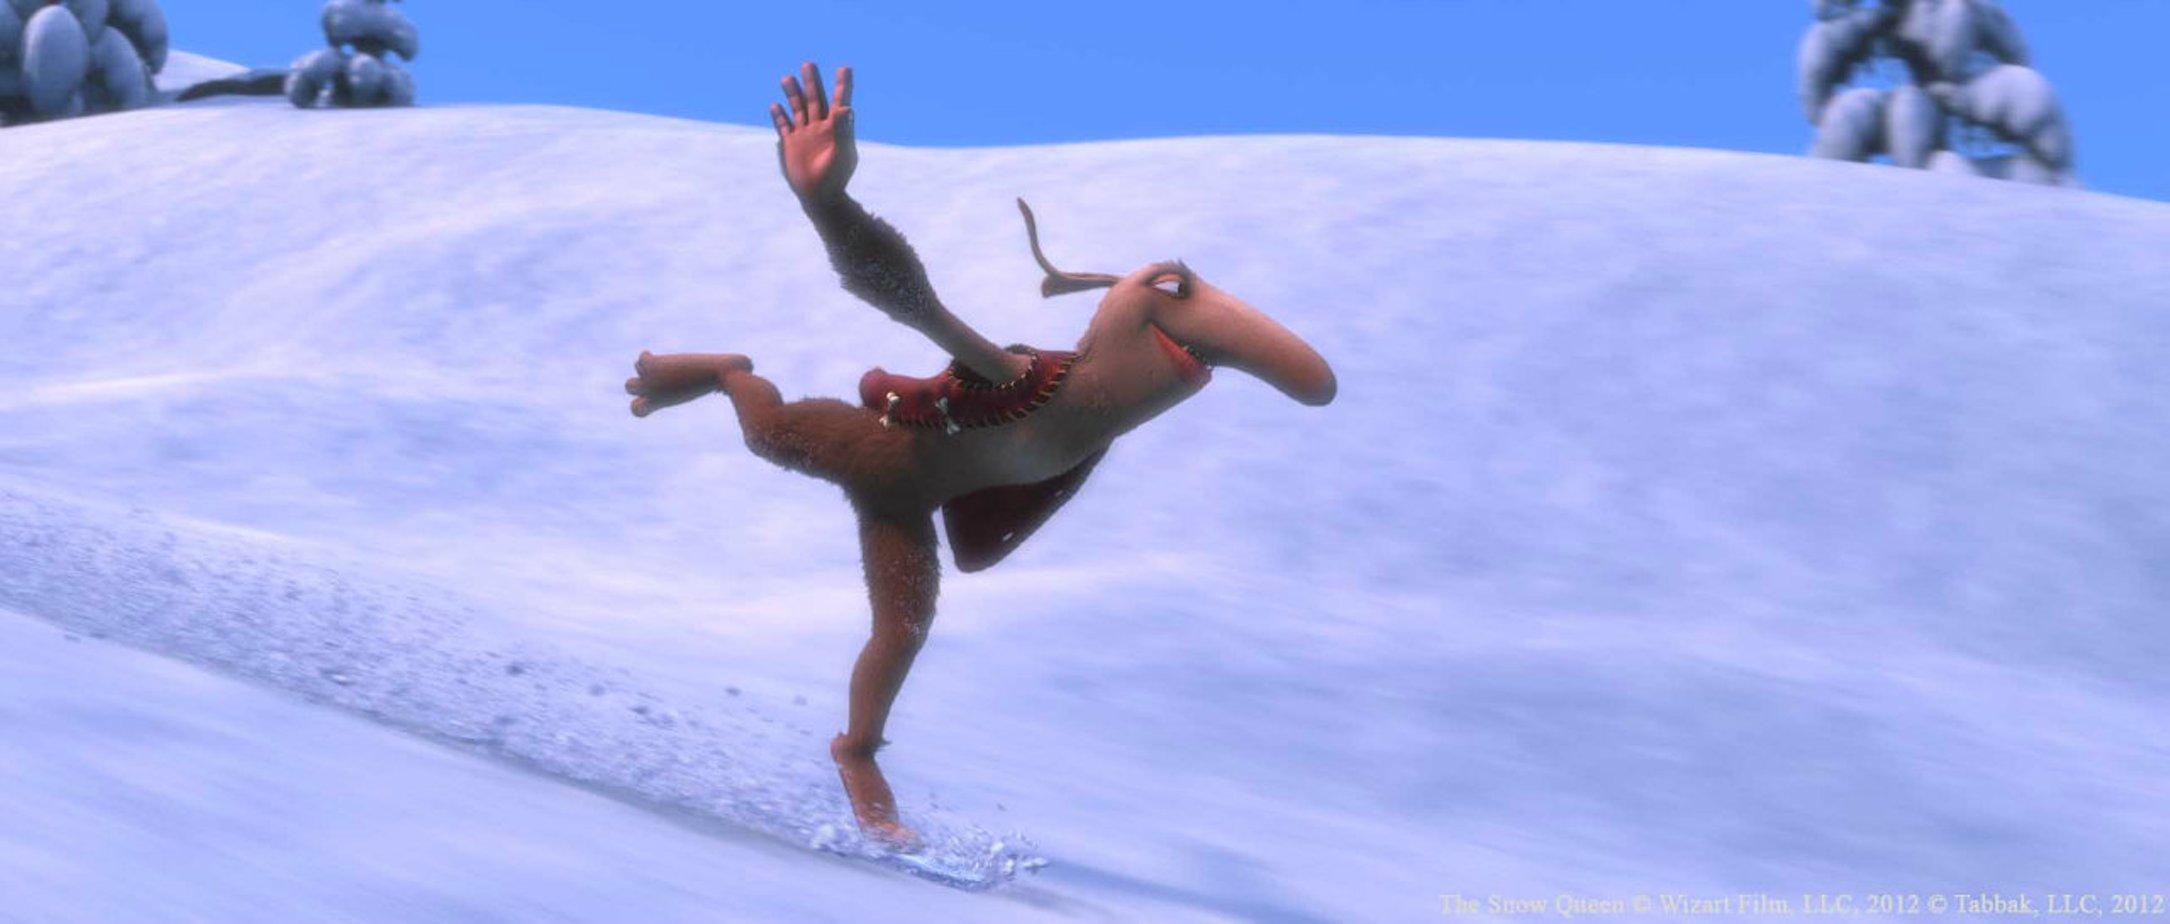 Naked snow queen photos pornos picture